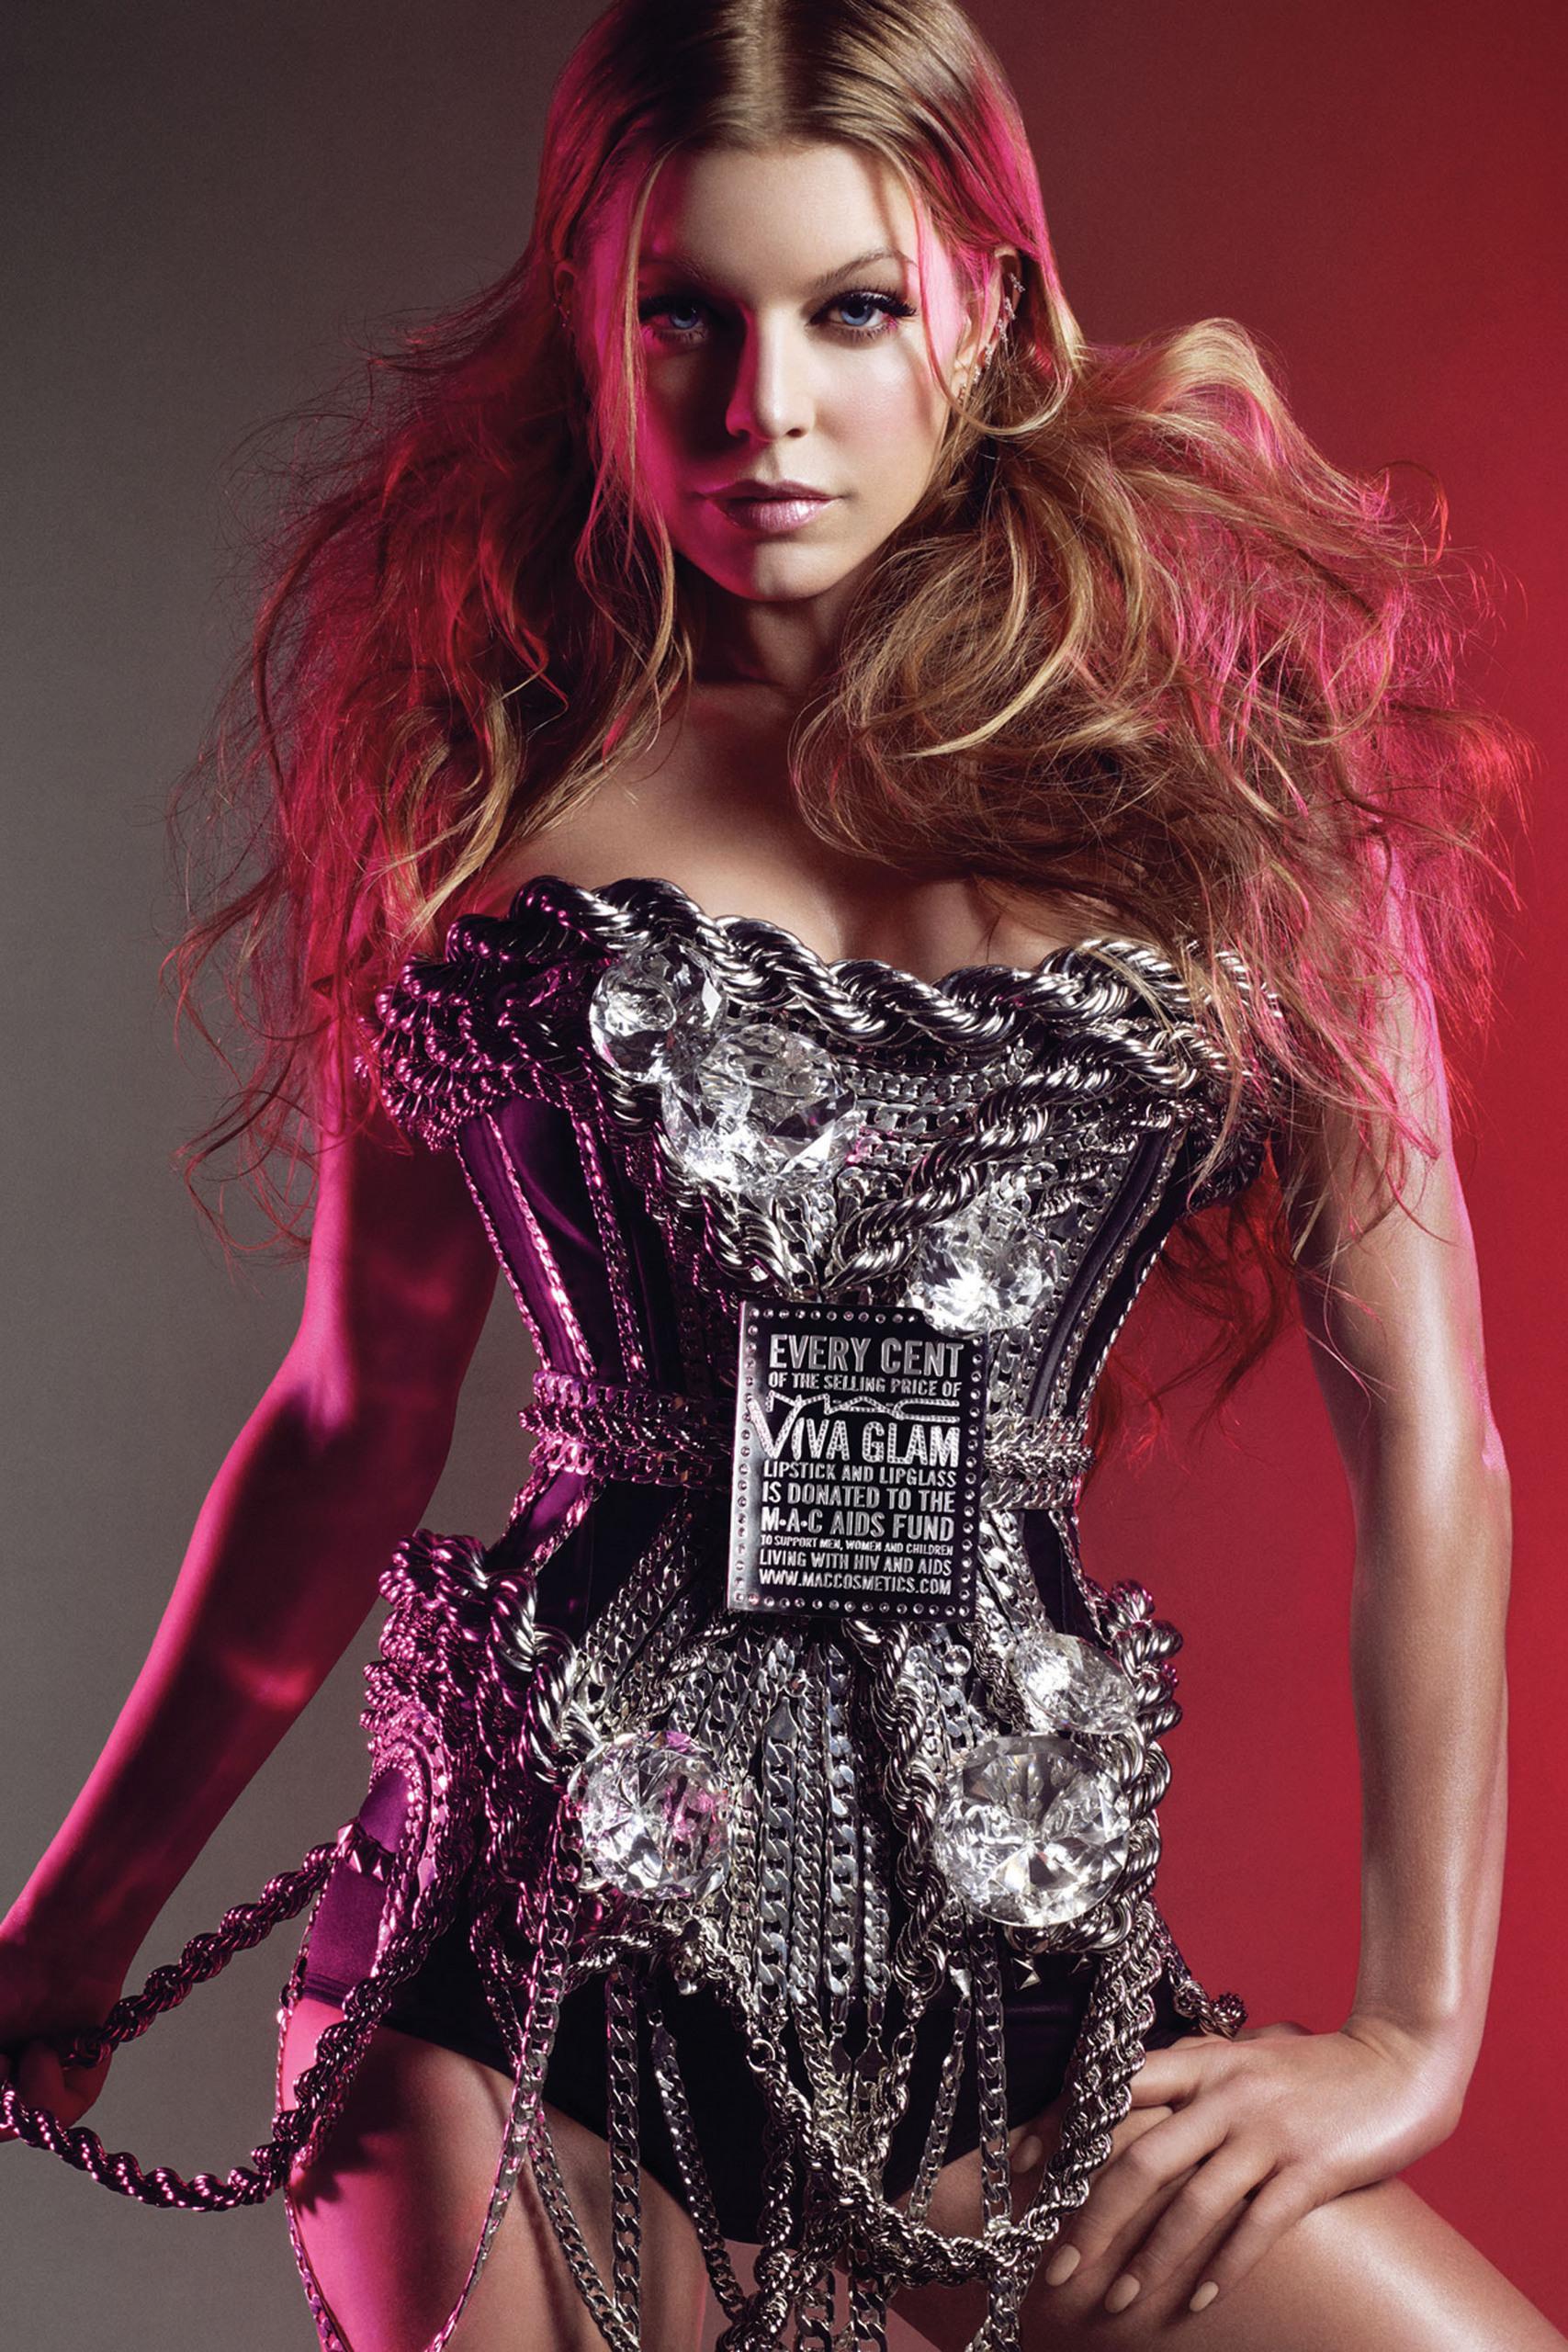 Viva Glam VI - Fergie - mac photo